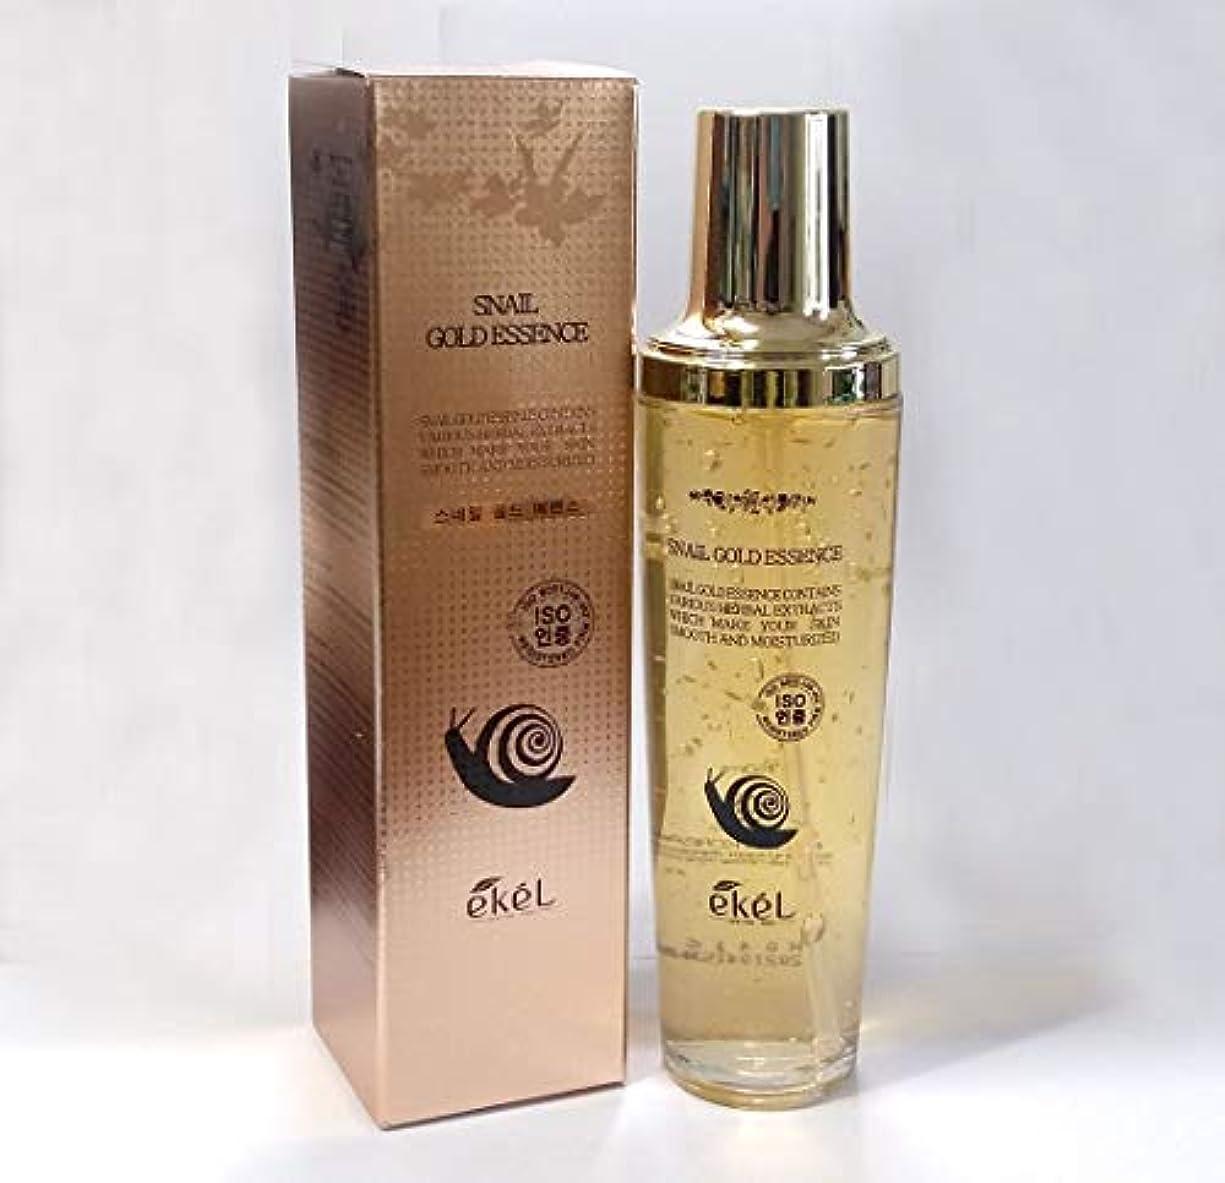 ペインティングアクティビティ単位[EKEL] ゴールドエッセンス150ml /ハーブエキス/スムーズ&モイスチャライド/韓国化粧品 / Gold Essence 150ml / Herbal Extracts / Smooth & Moisturized...